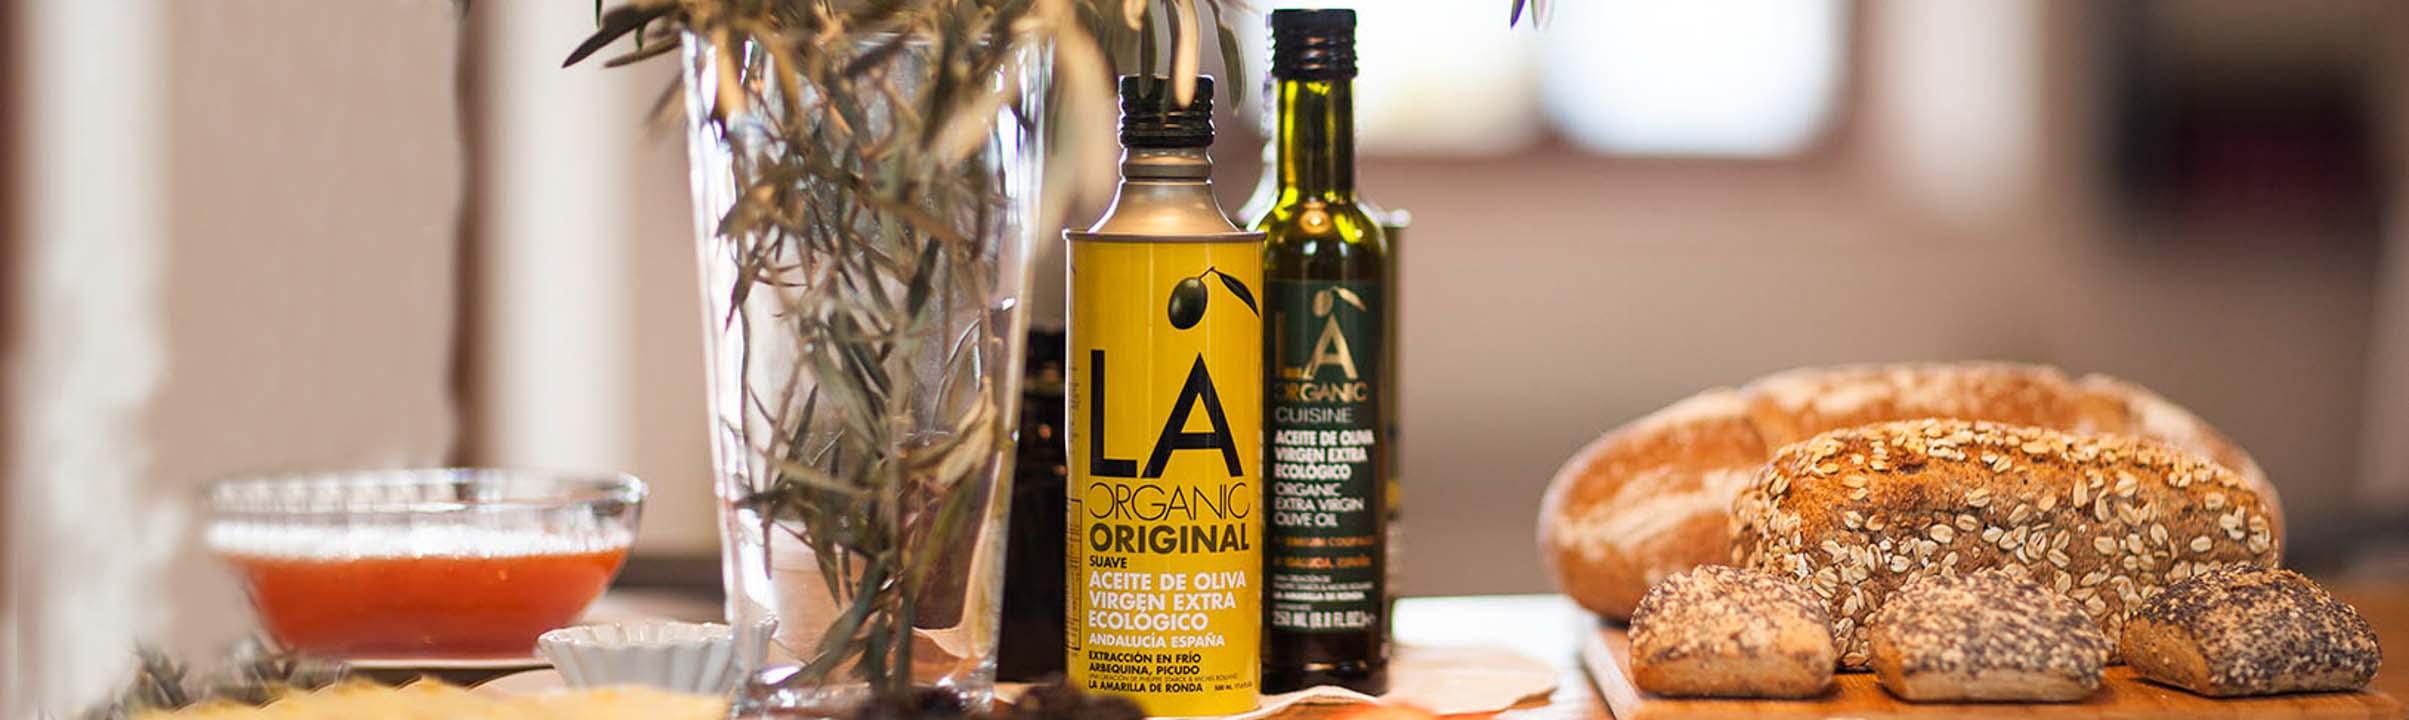 La Organic olivenolier stemningsbillede